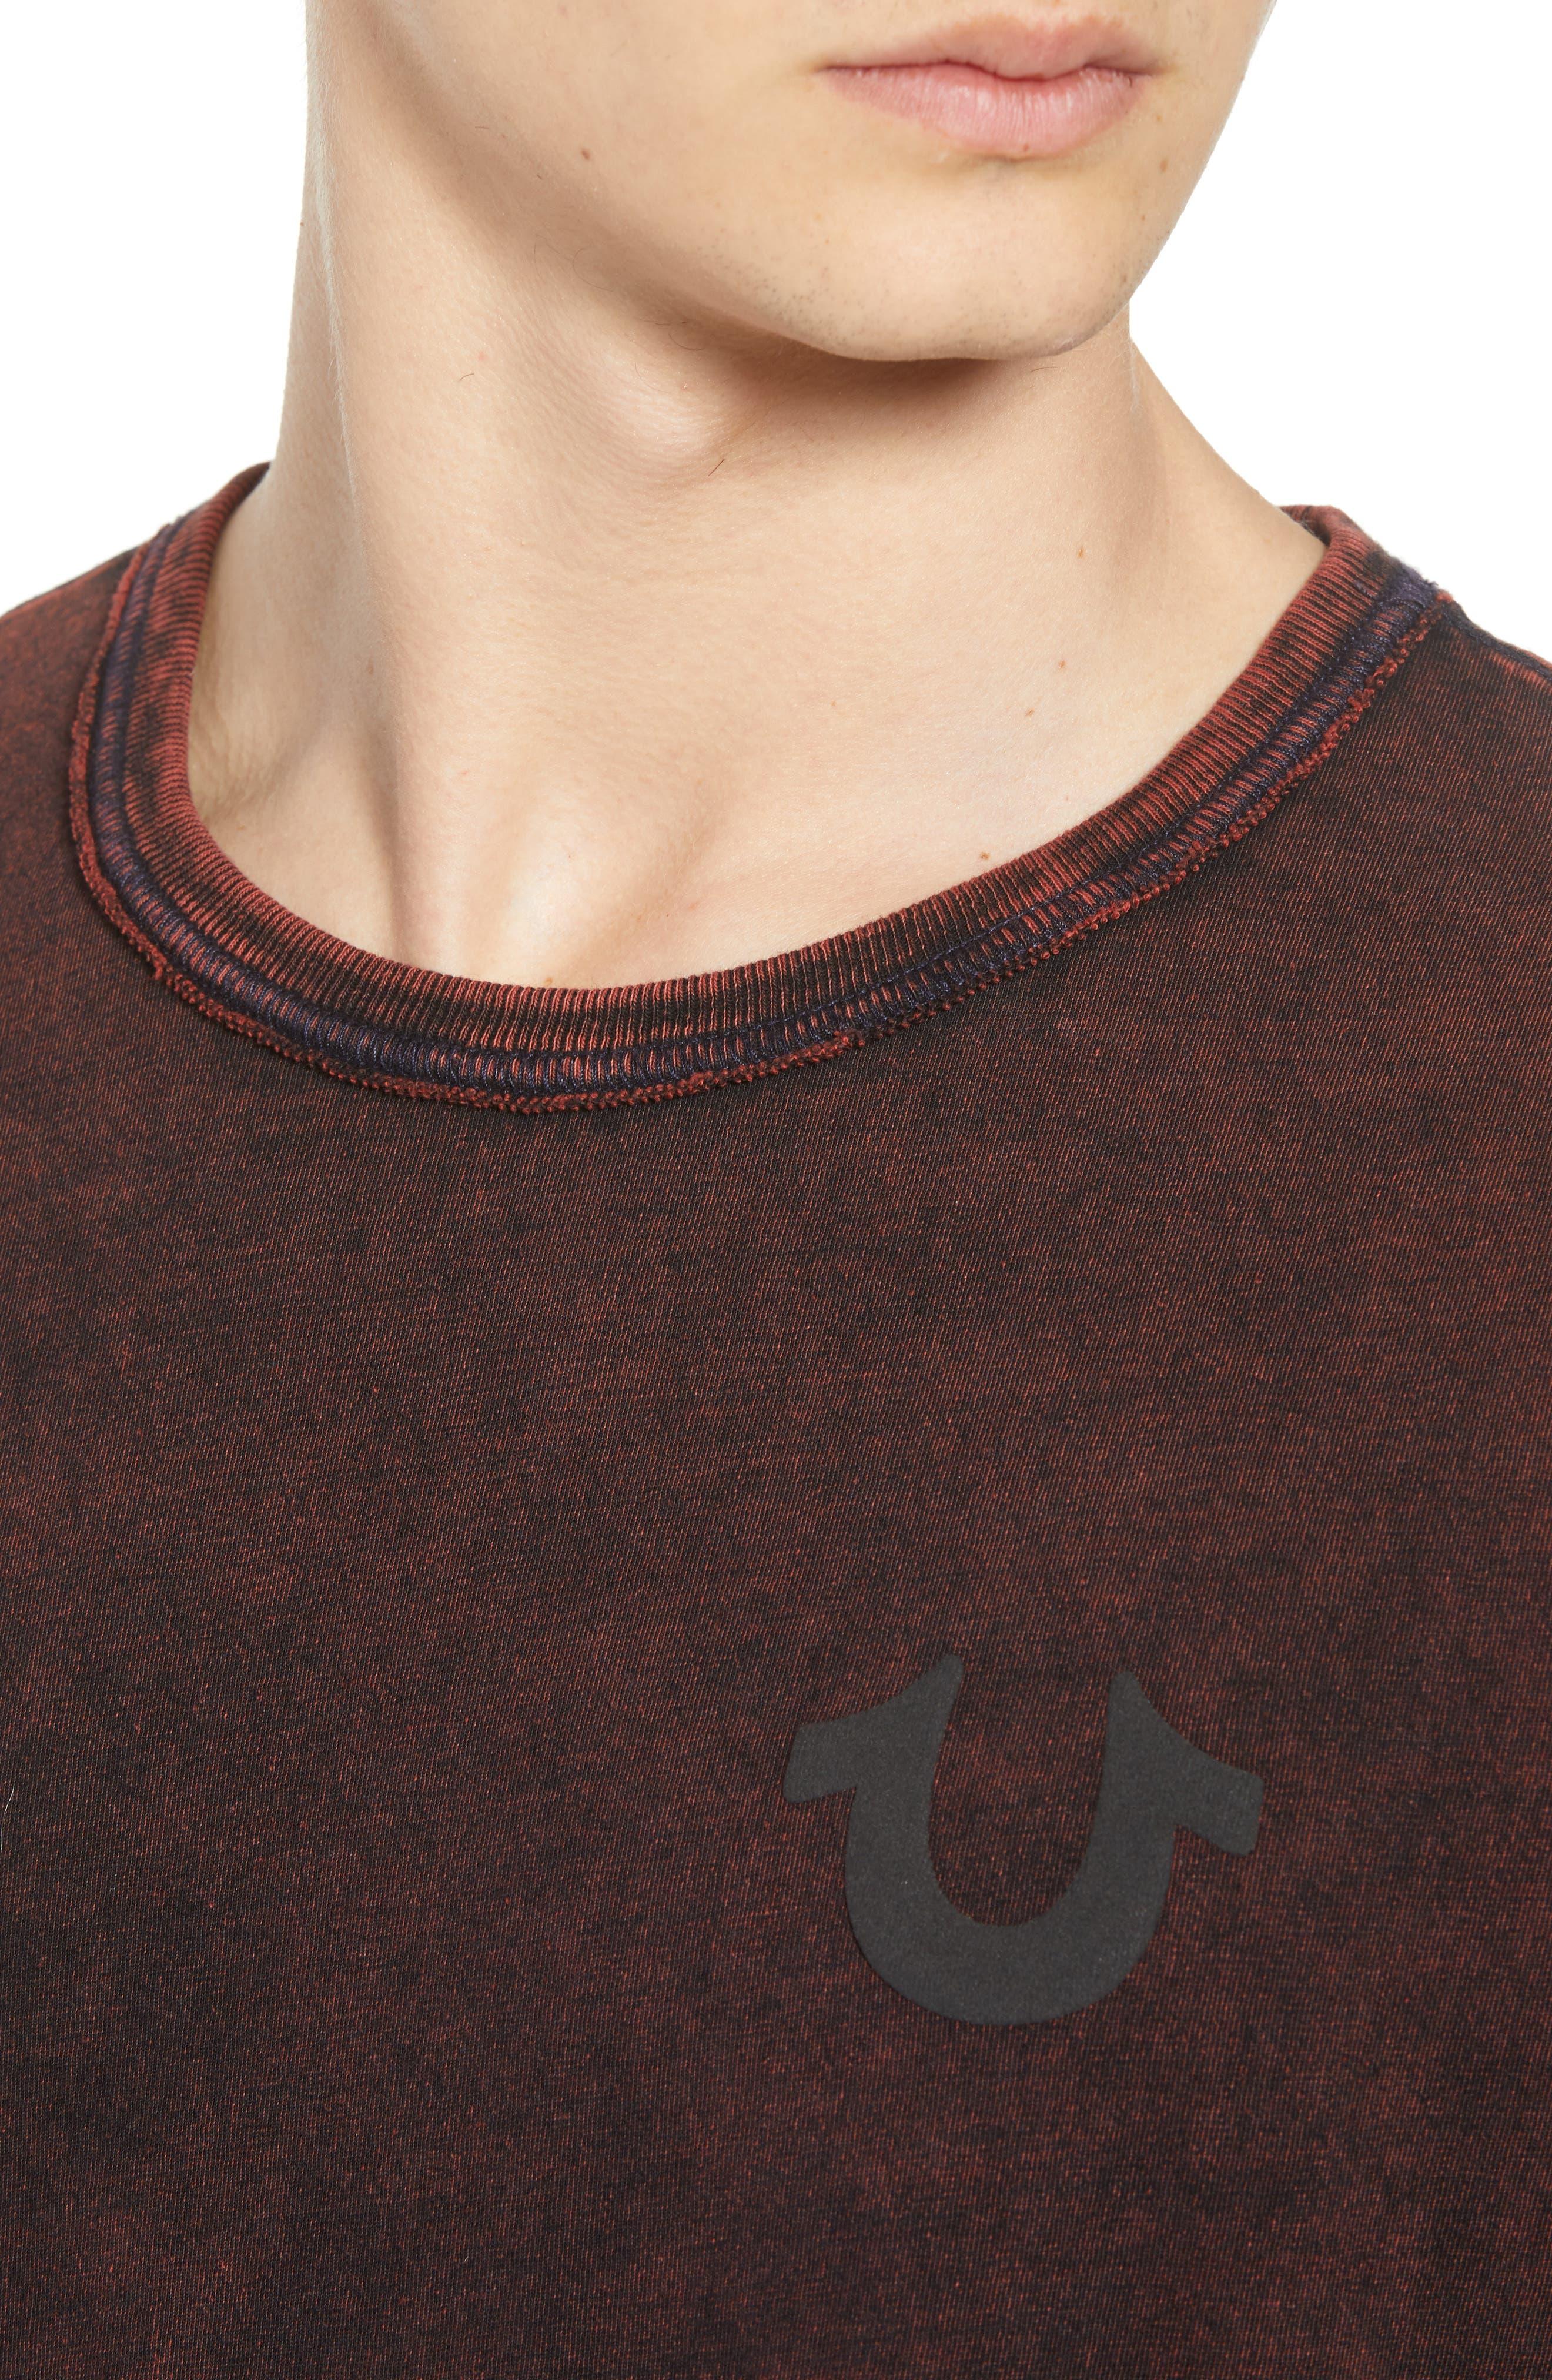 Washed Indigo Logo T-Shirt,                             Alternate thumbnail 4, color,                             INDIGO/ SUNBURST ORANGE COMBO